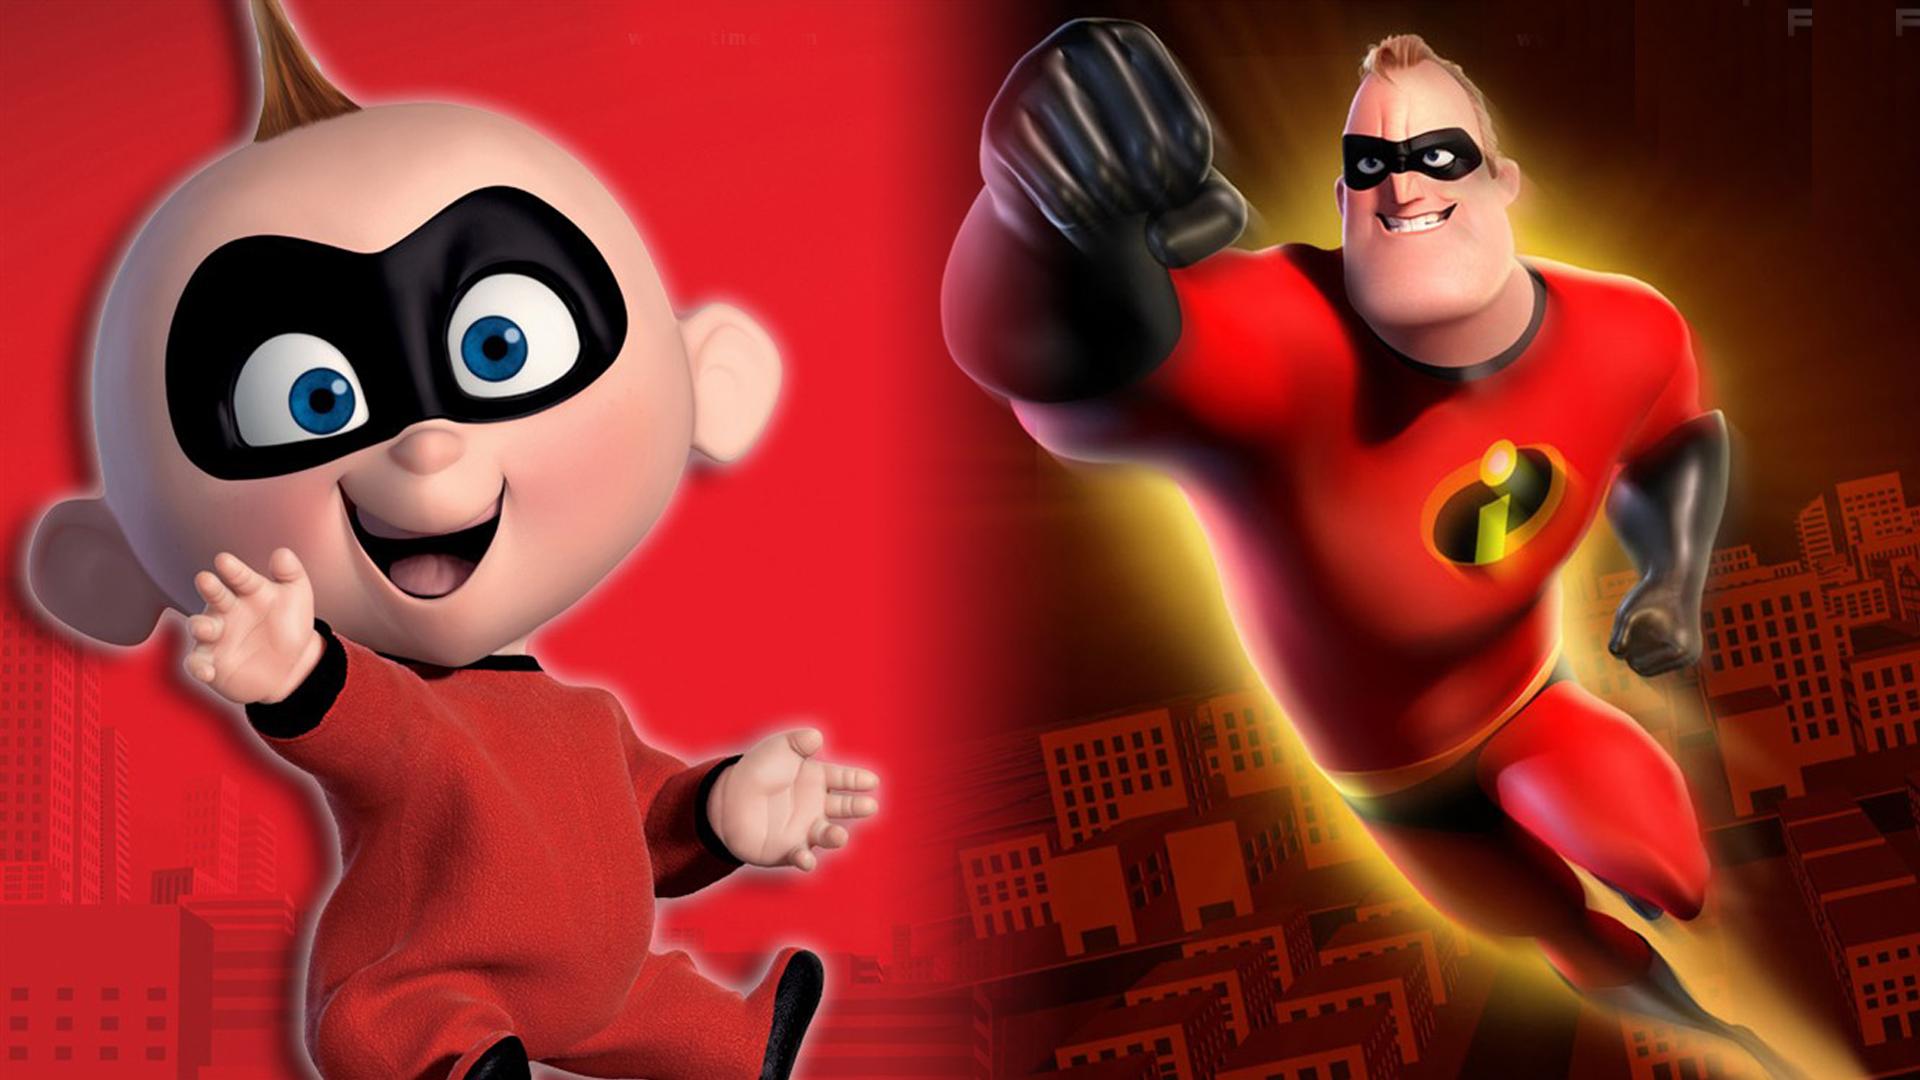 小杰克实在太萌了!时隔14年《超人总动员2》再度回归